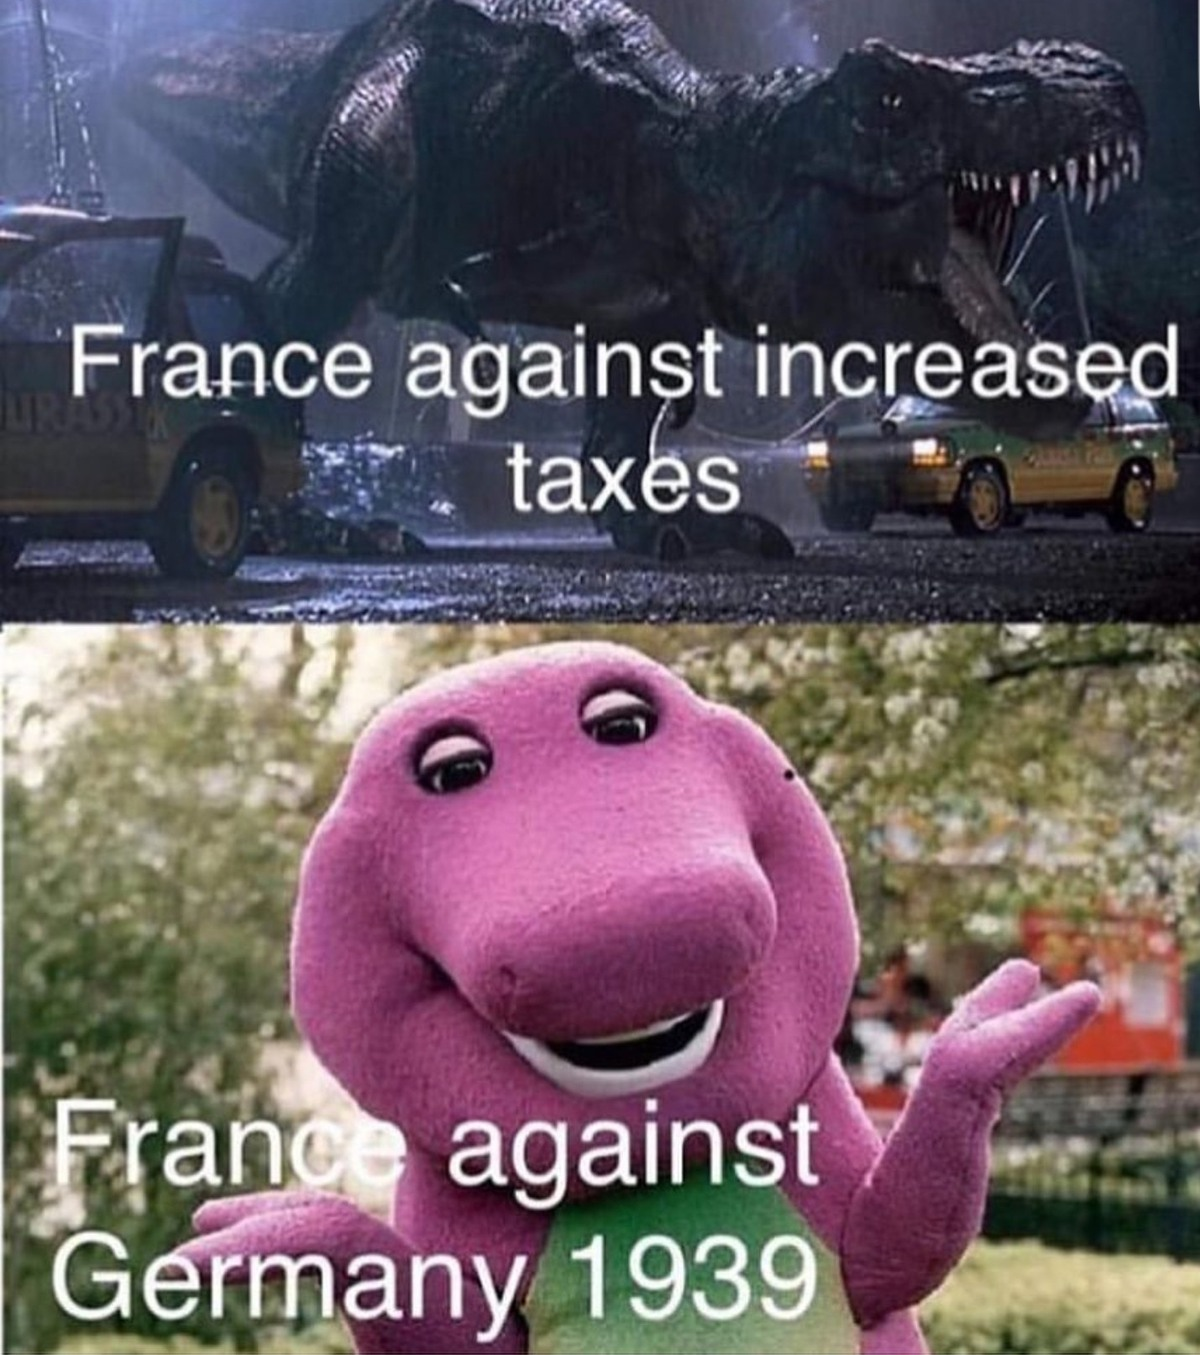 Viva revolution - meme